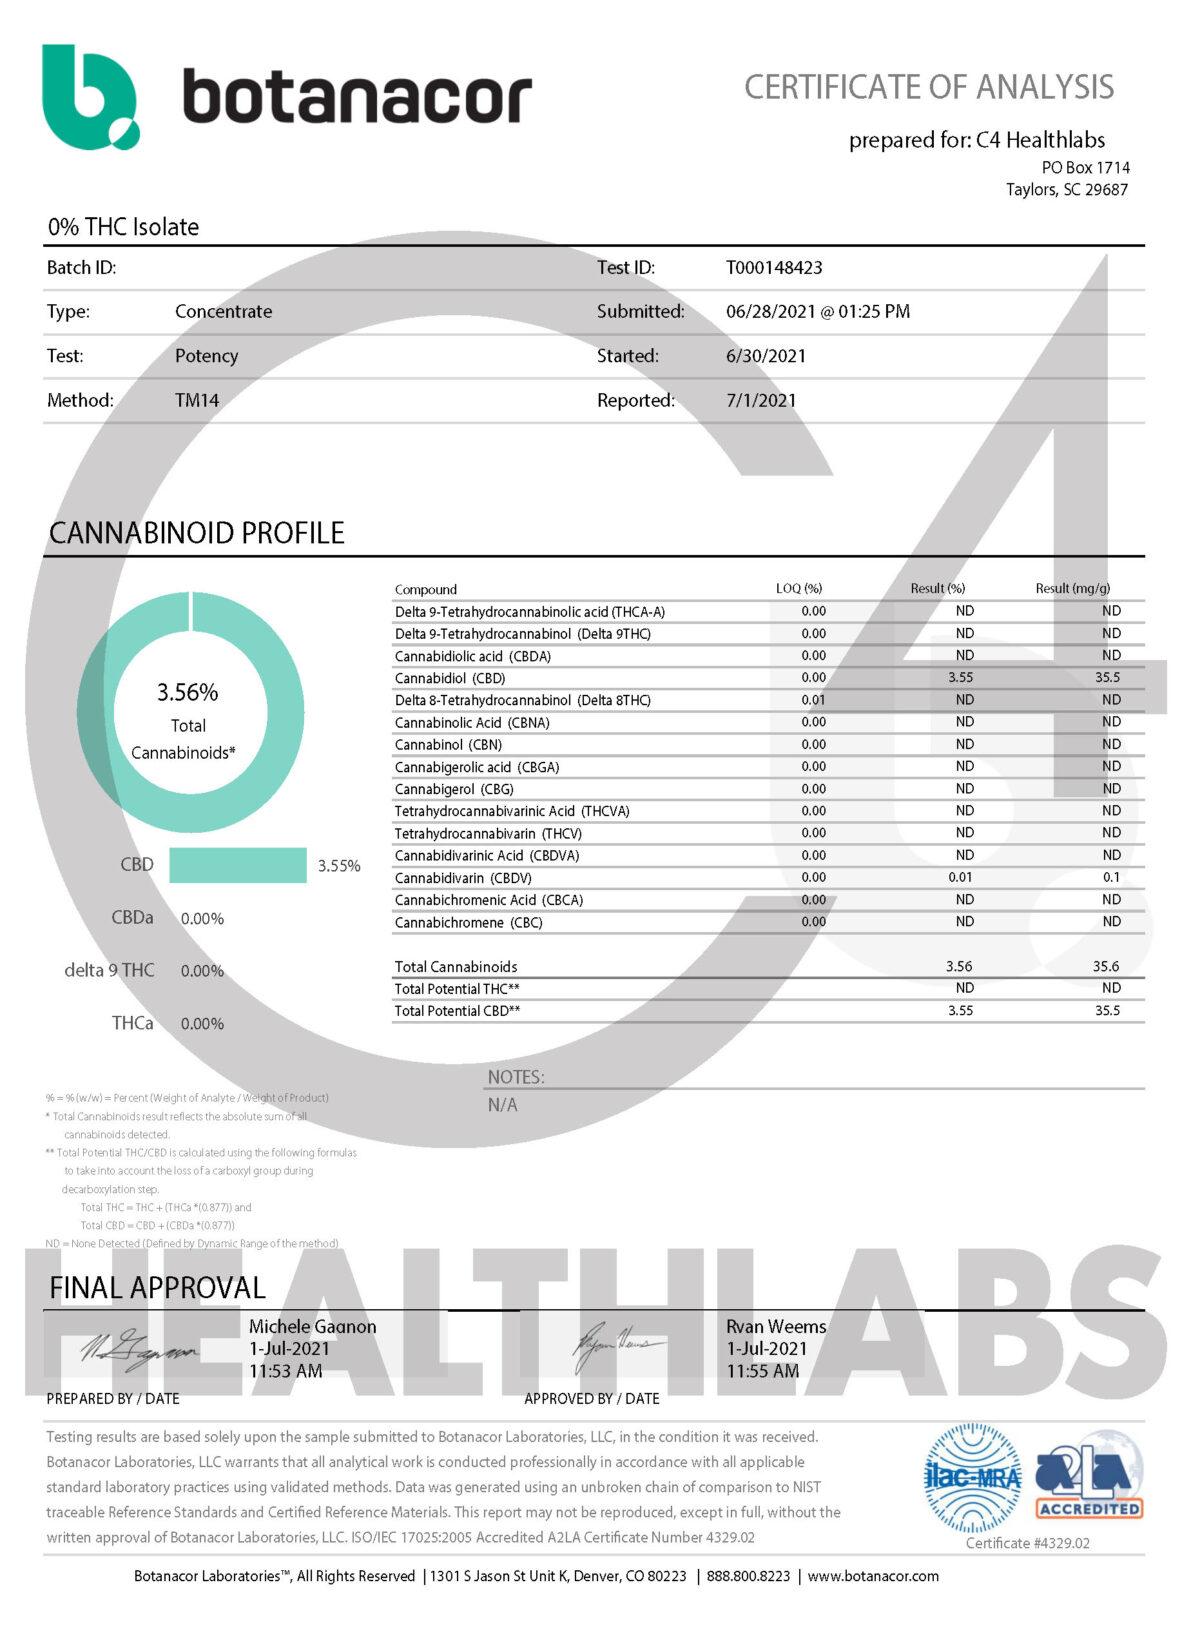 C4 Healthlabs THC Free CBD Oil COA